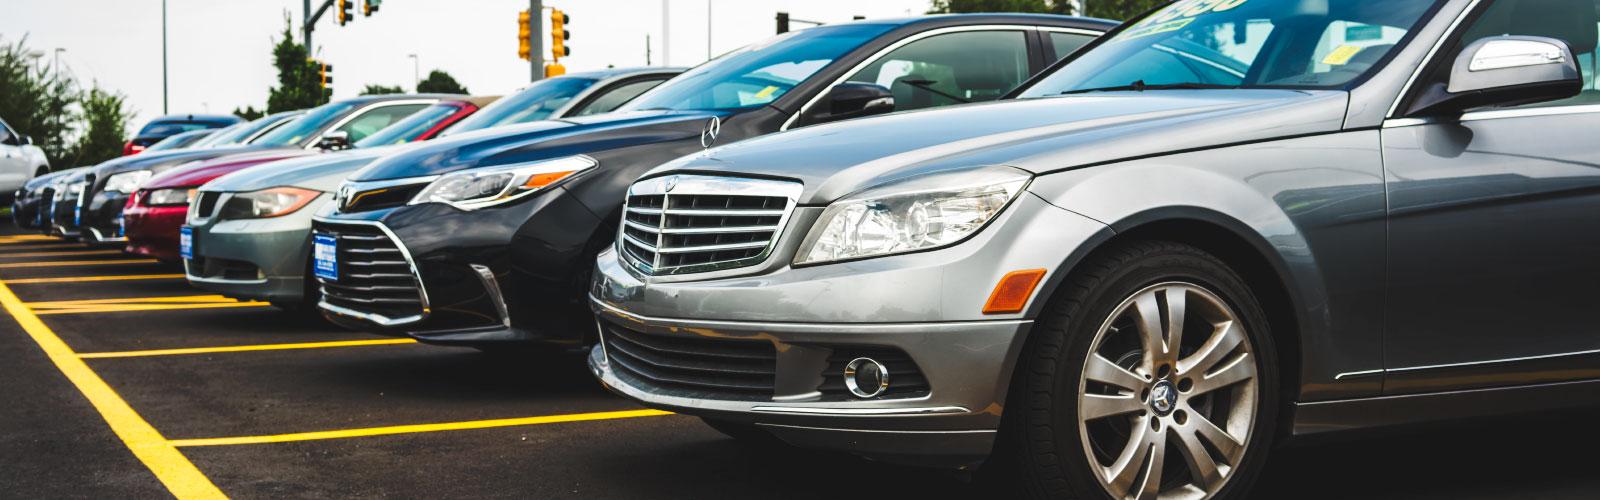 Mitos y realidades de comprar autos usados